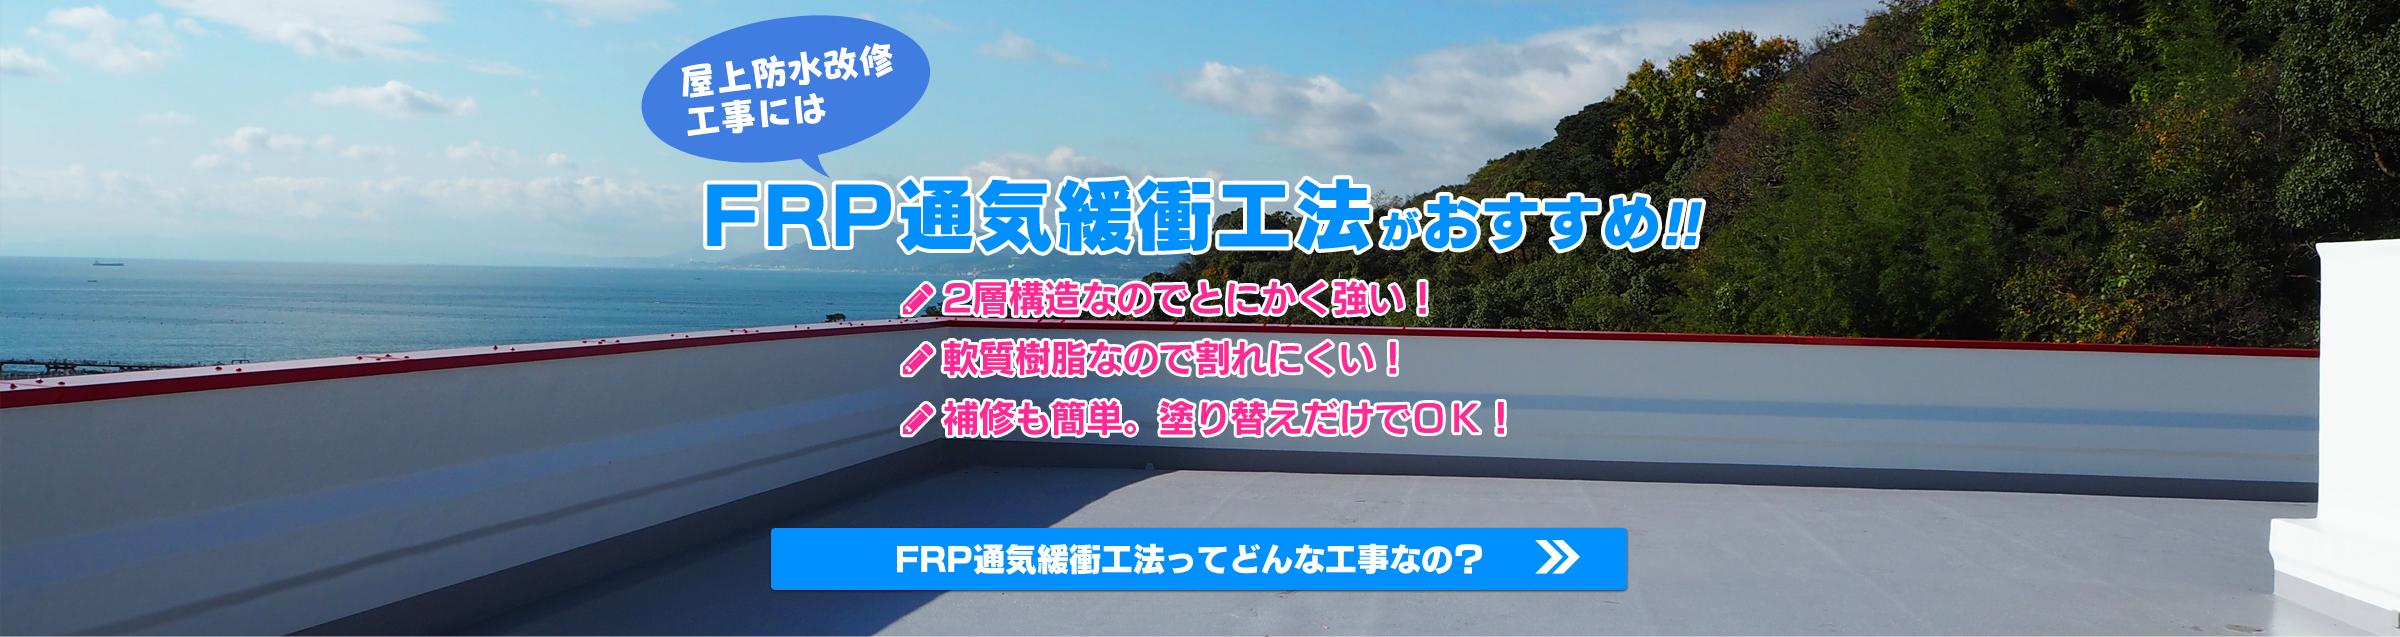 FRP通気緩衝工法